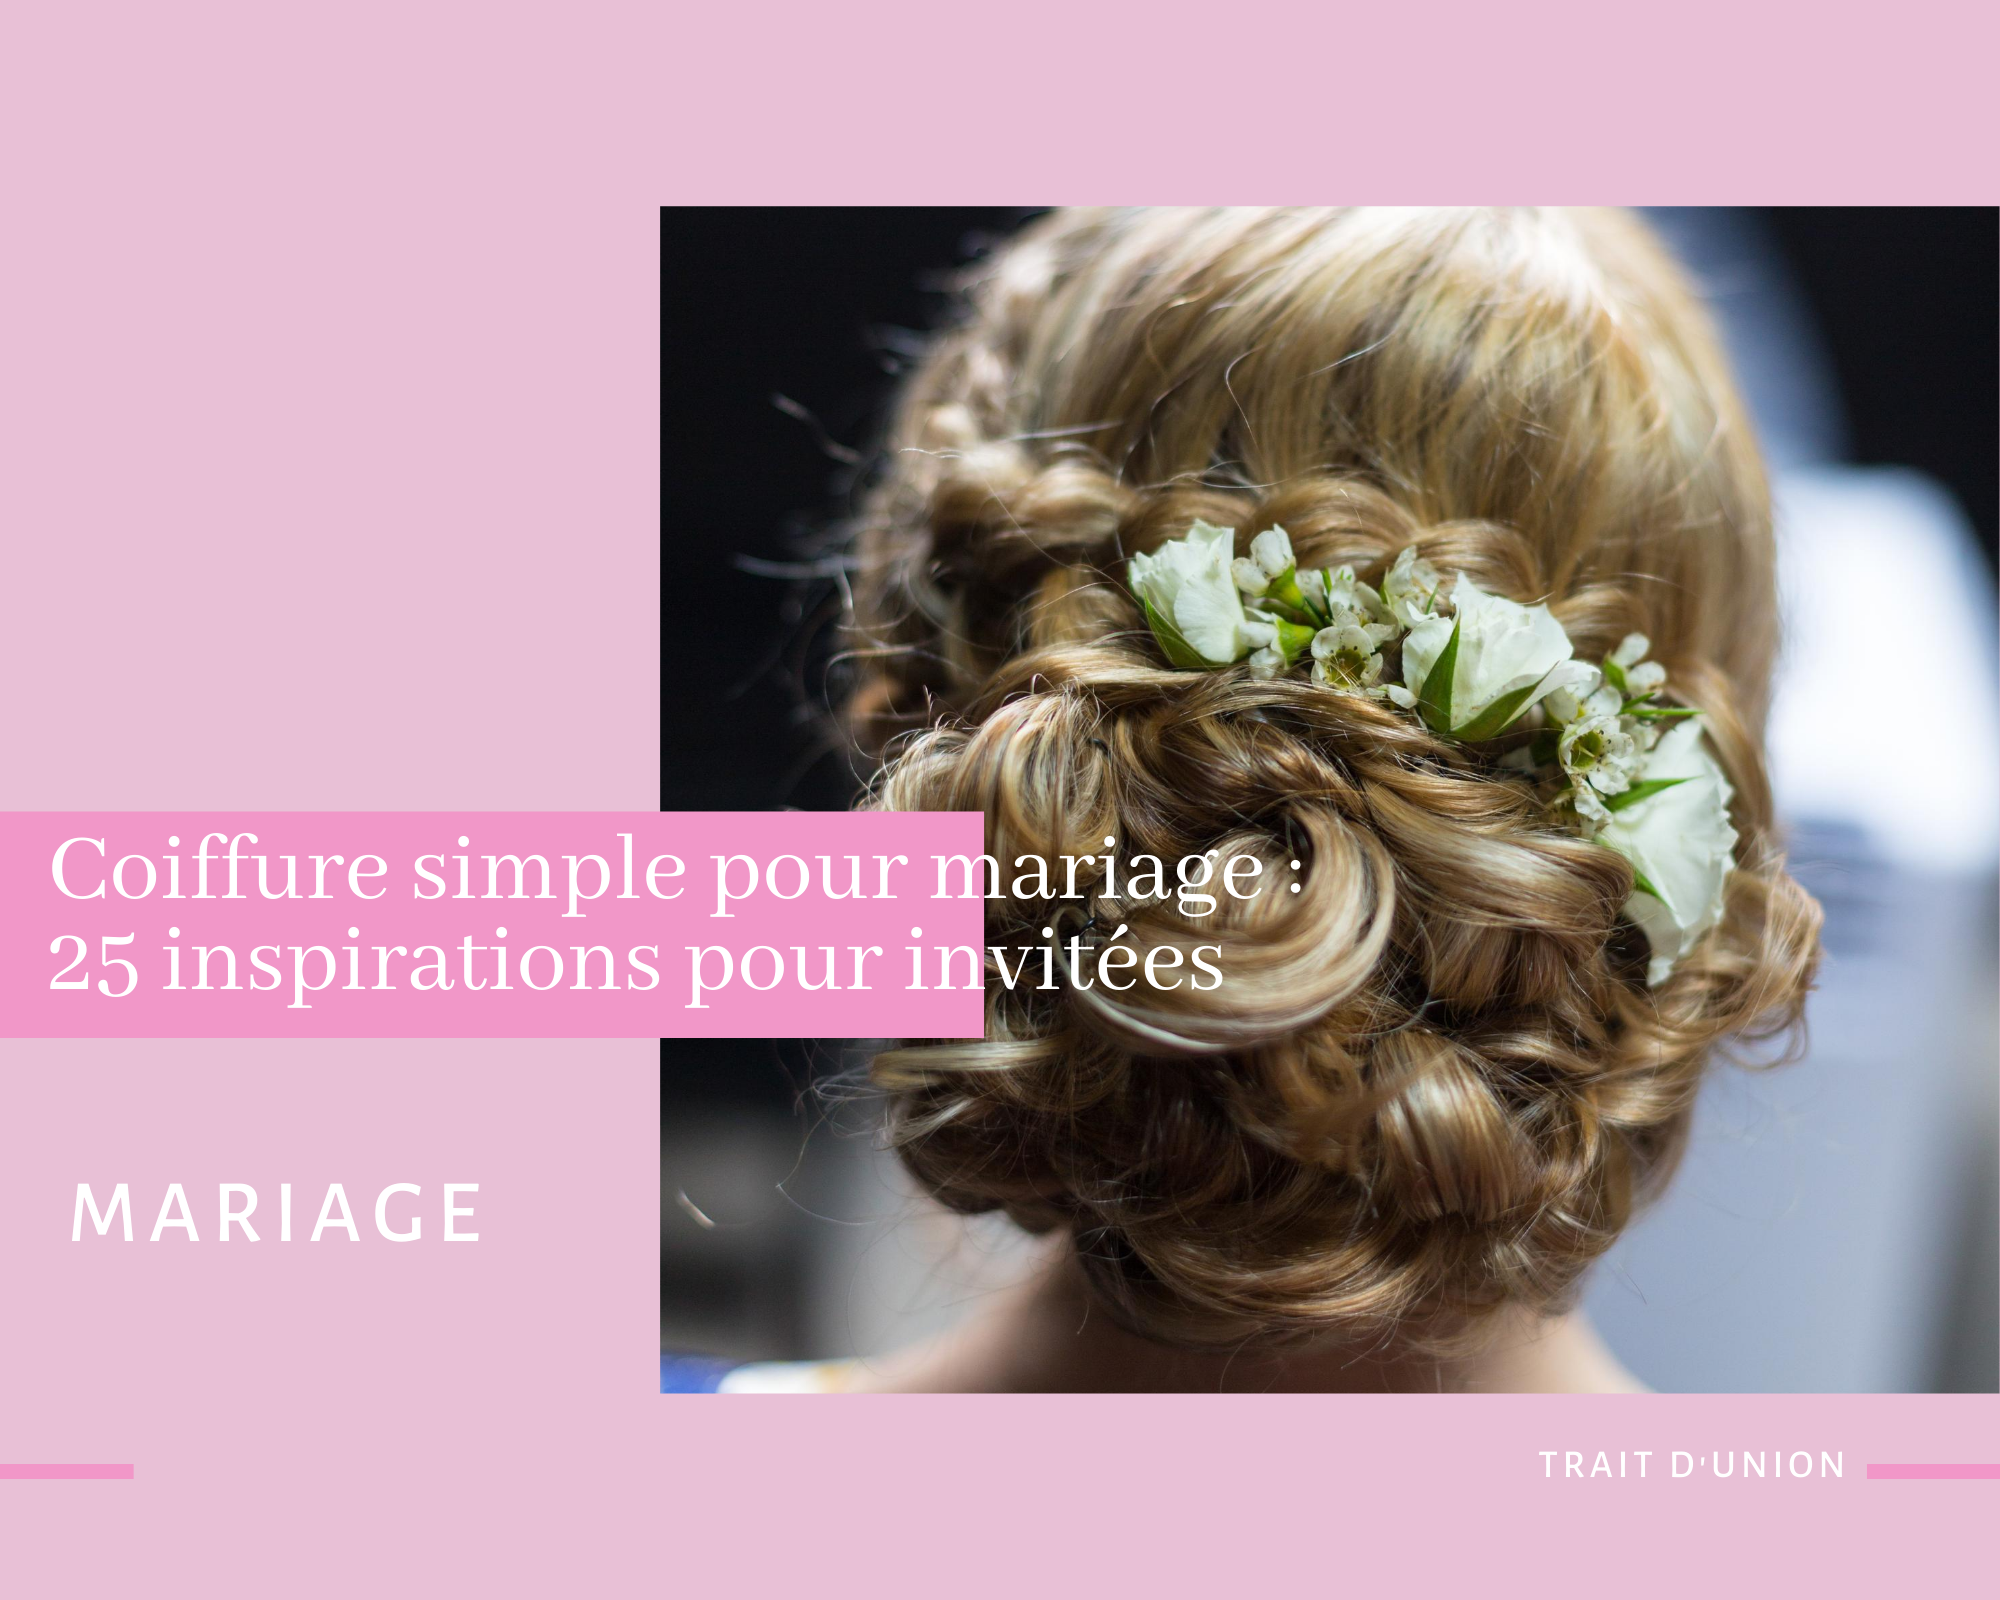 Coiffure Simple Pour Mariage Les 25 Inspirations Pour Invitees Trait D Union